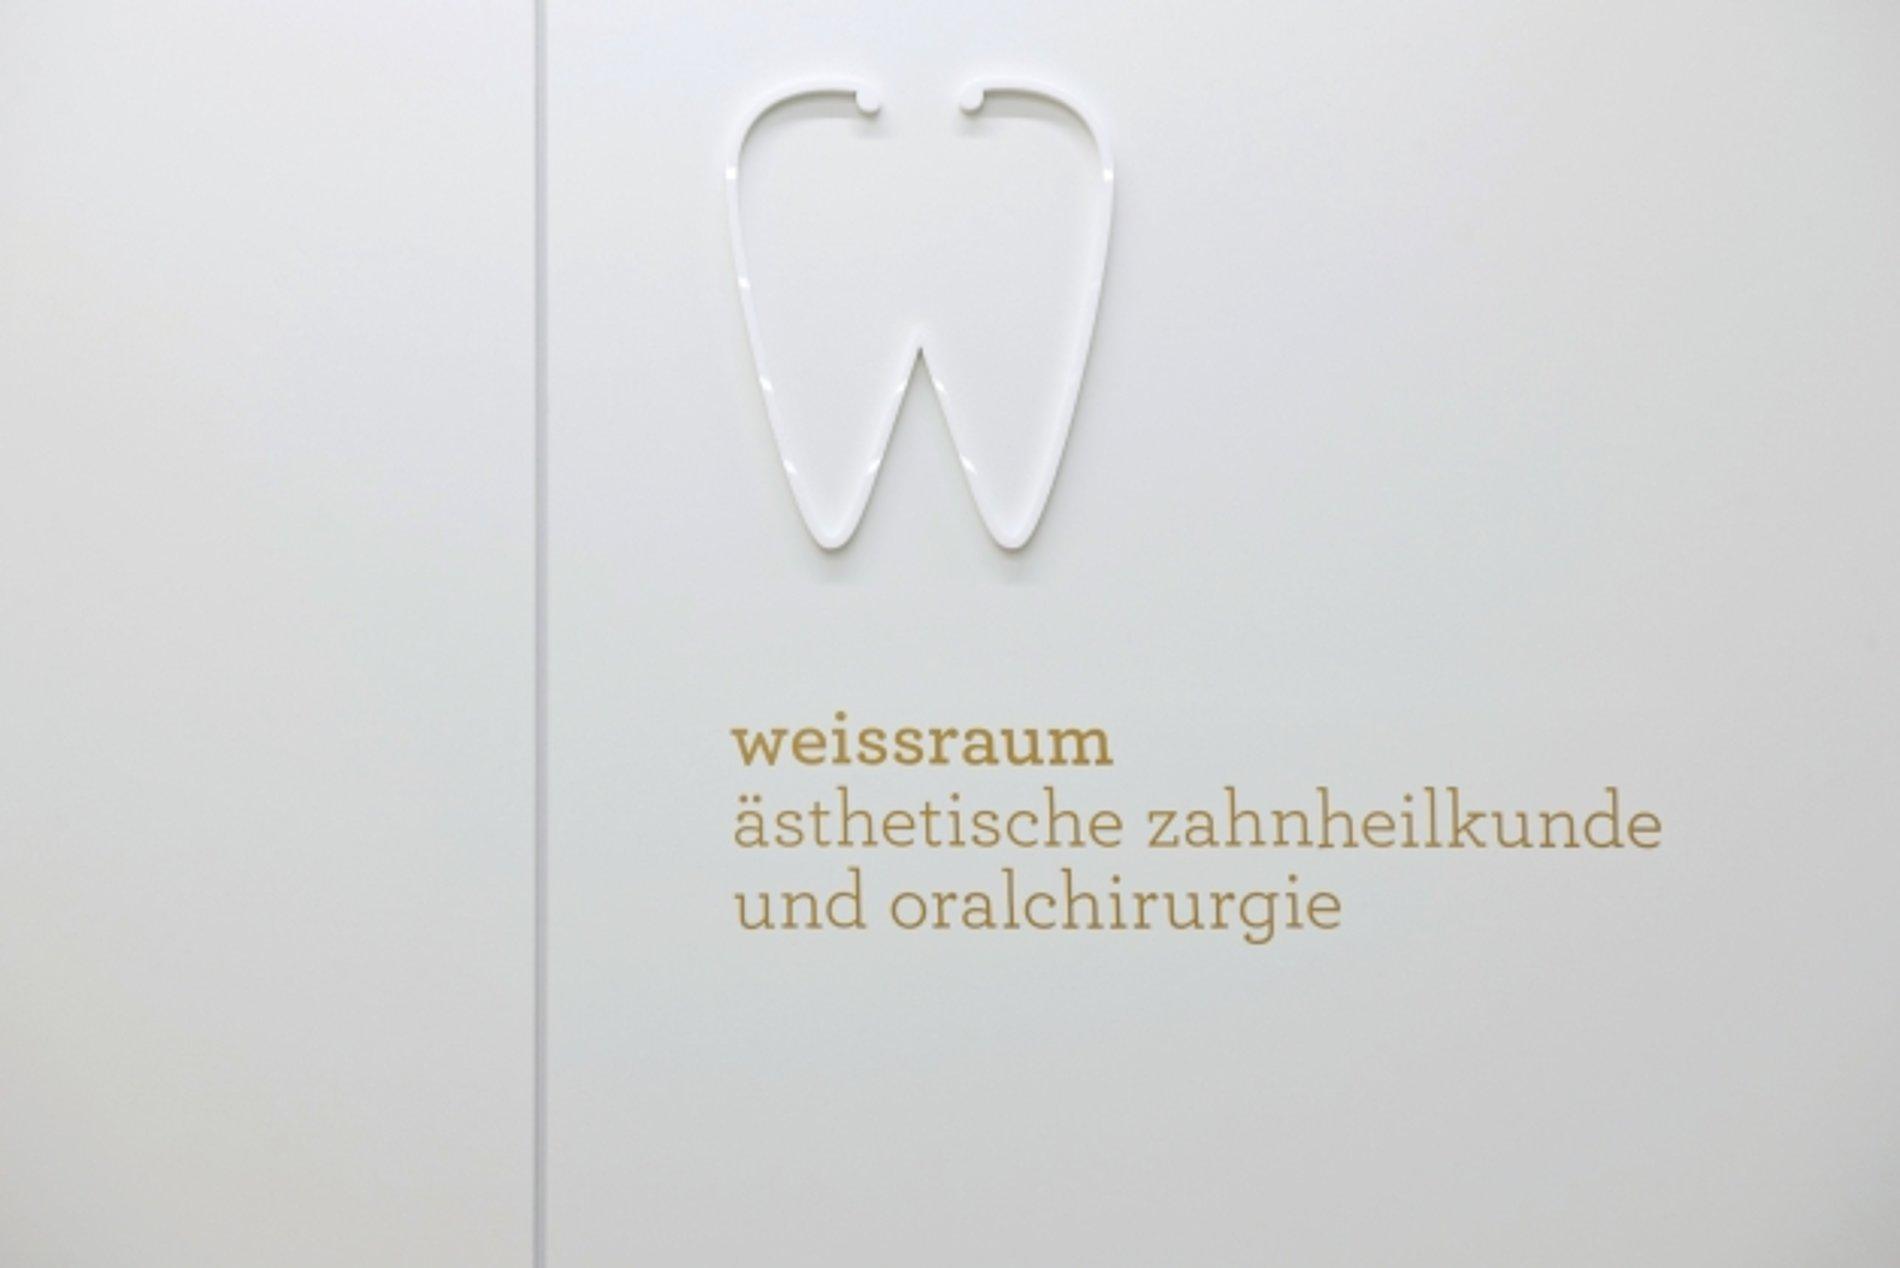 weissraum Dental Surgery | Red Dot Design Award